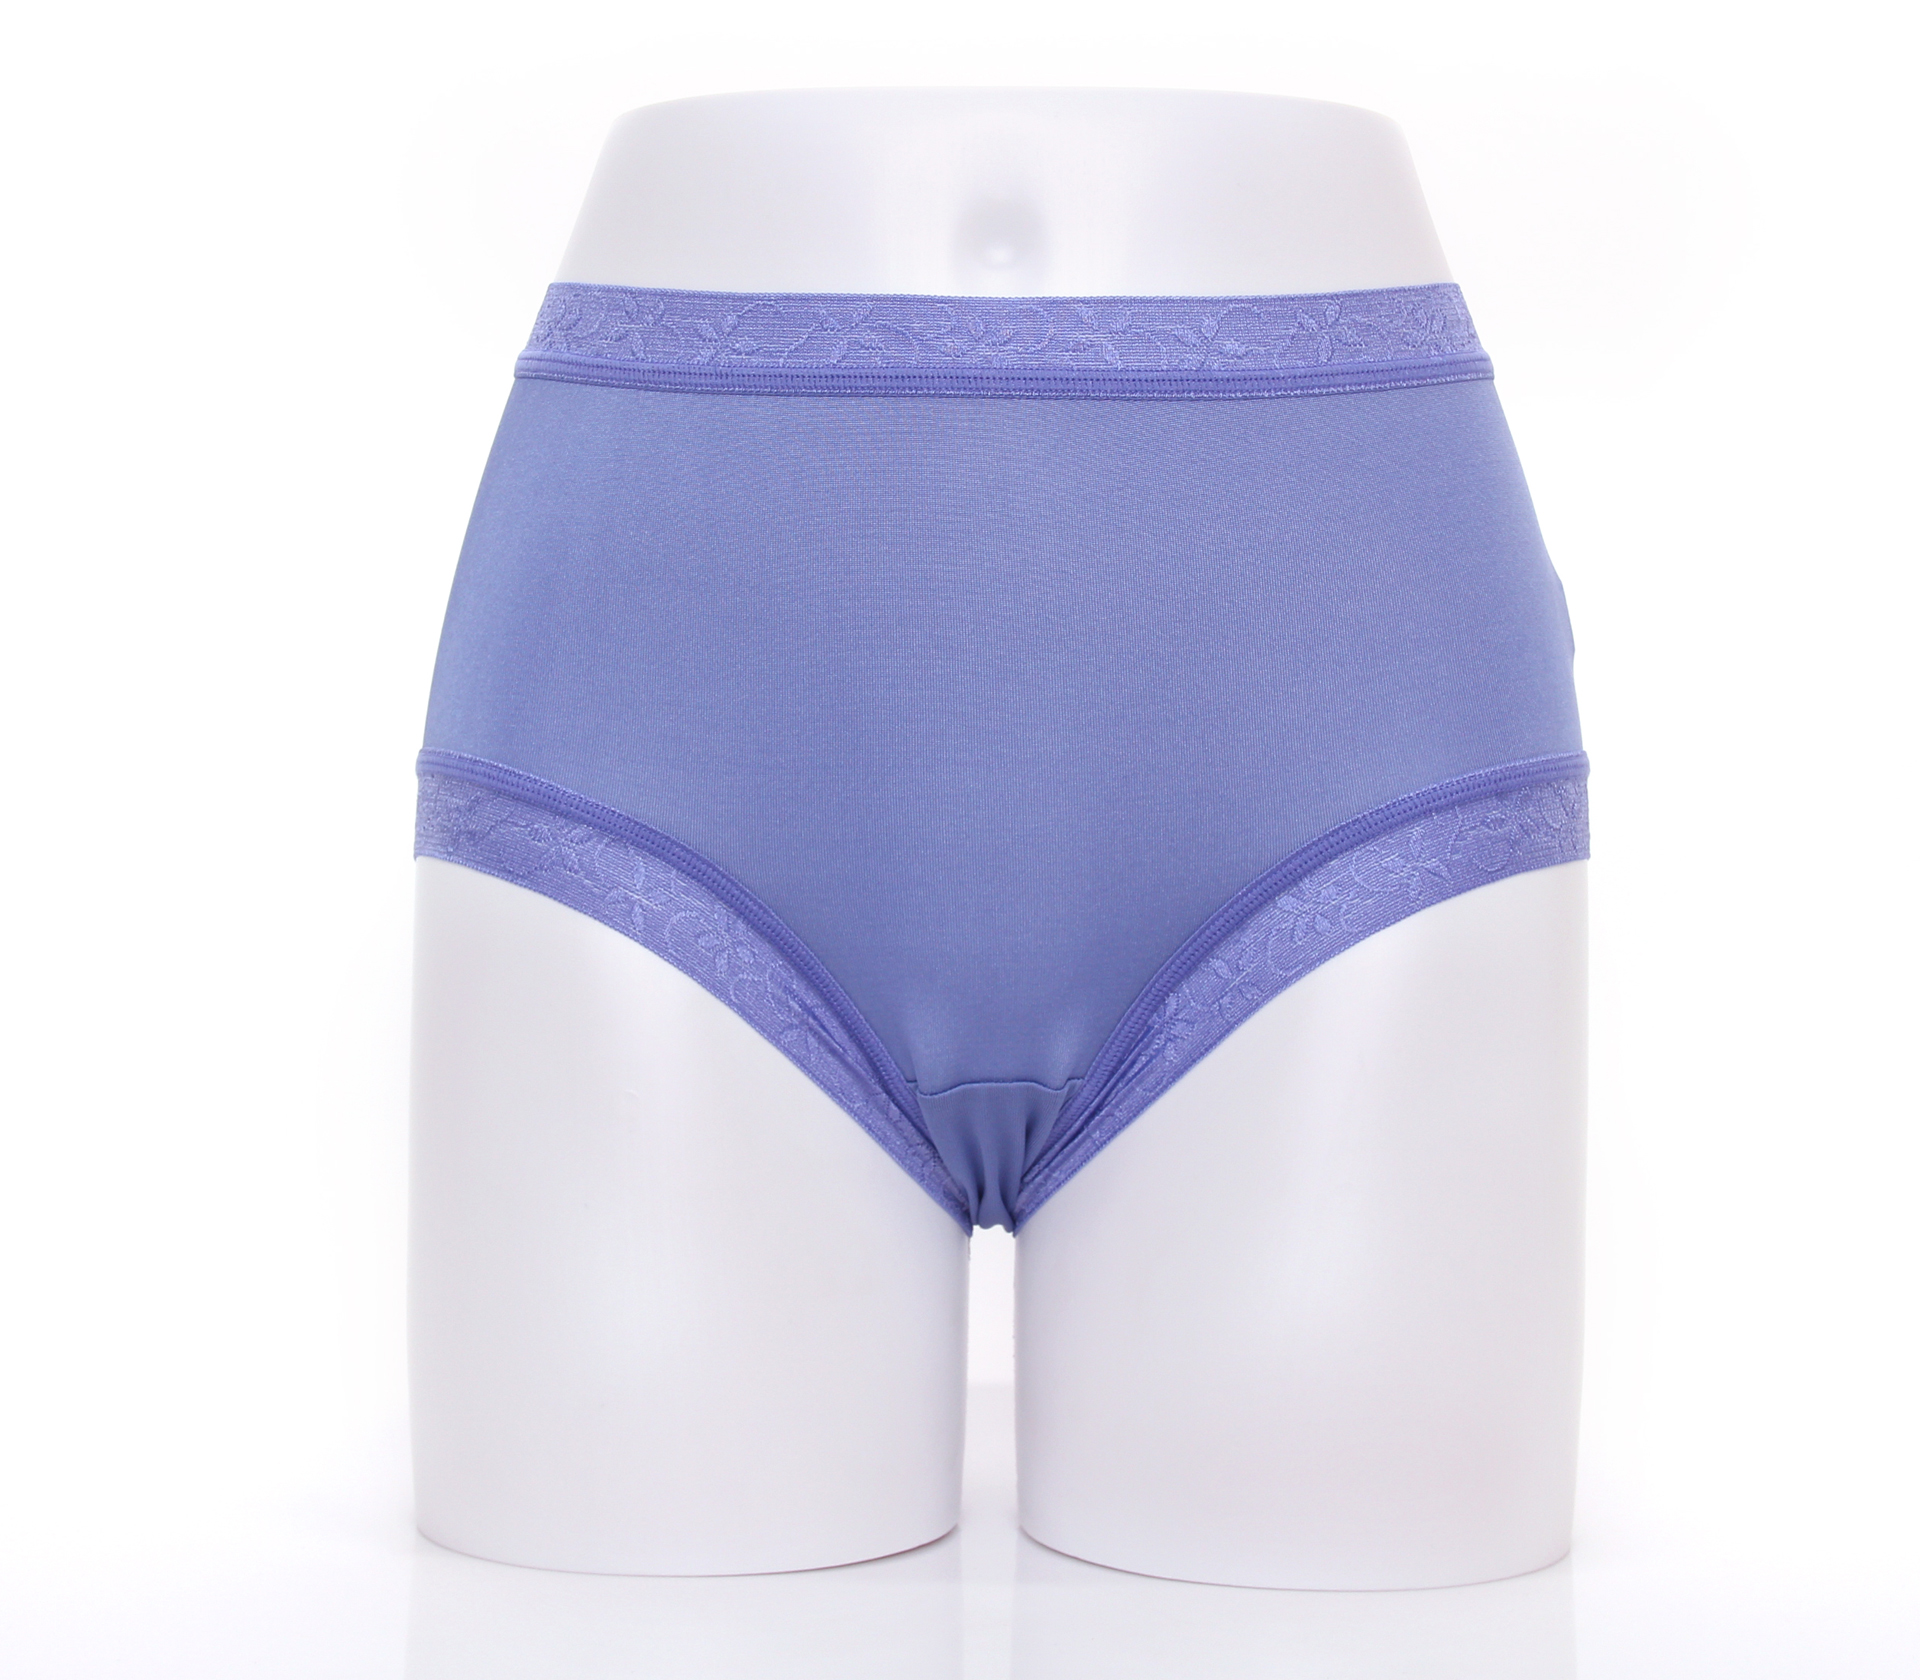 闕蘭絹日系零著感100%蠶絲內褲-88110(紫)